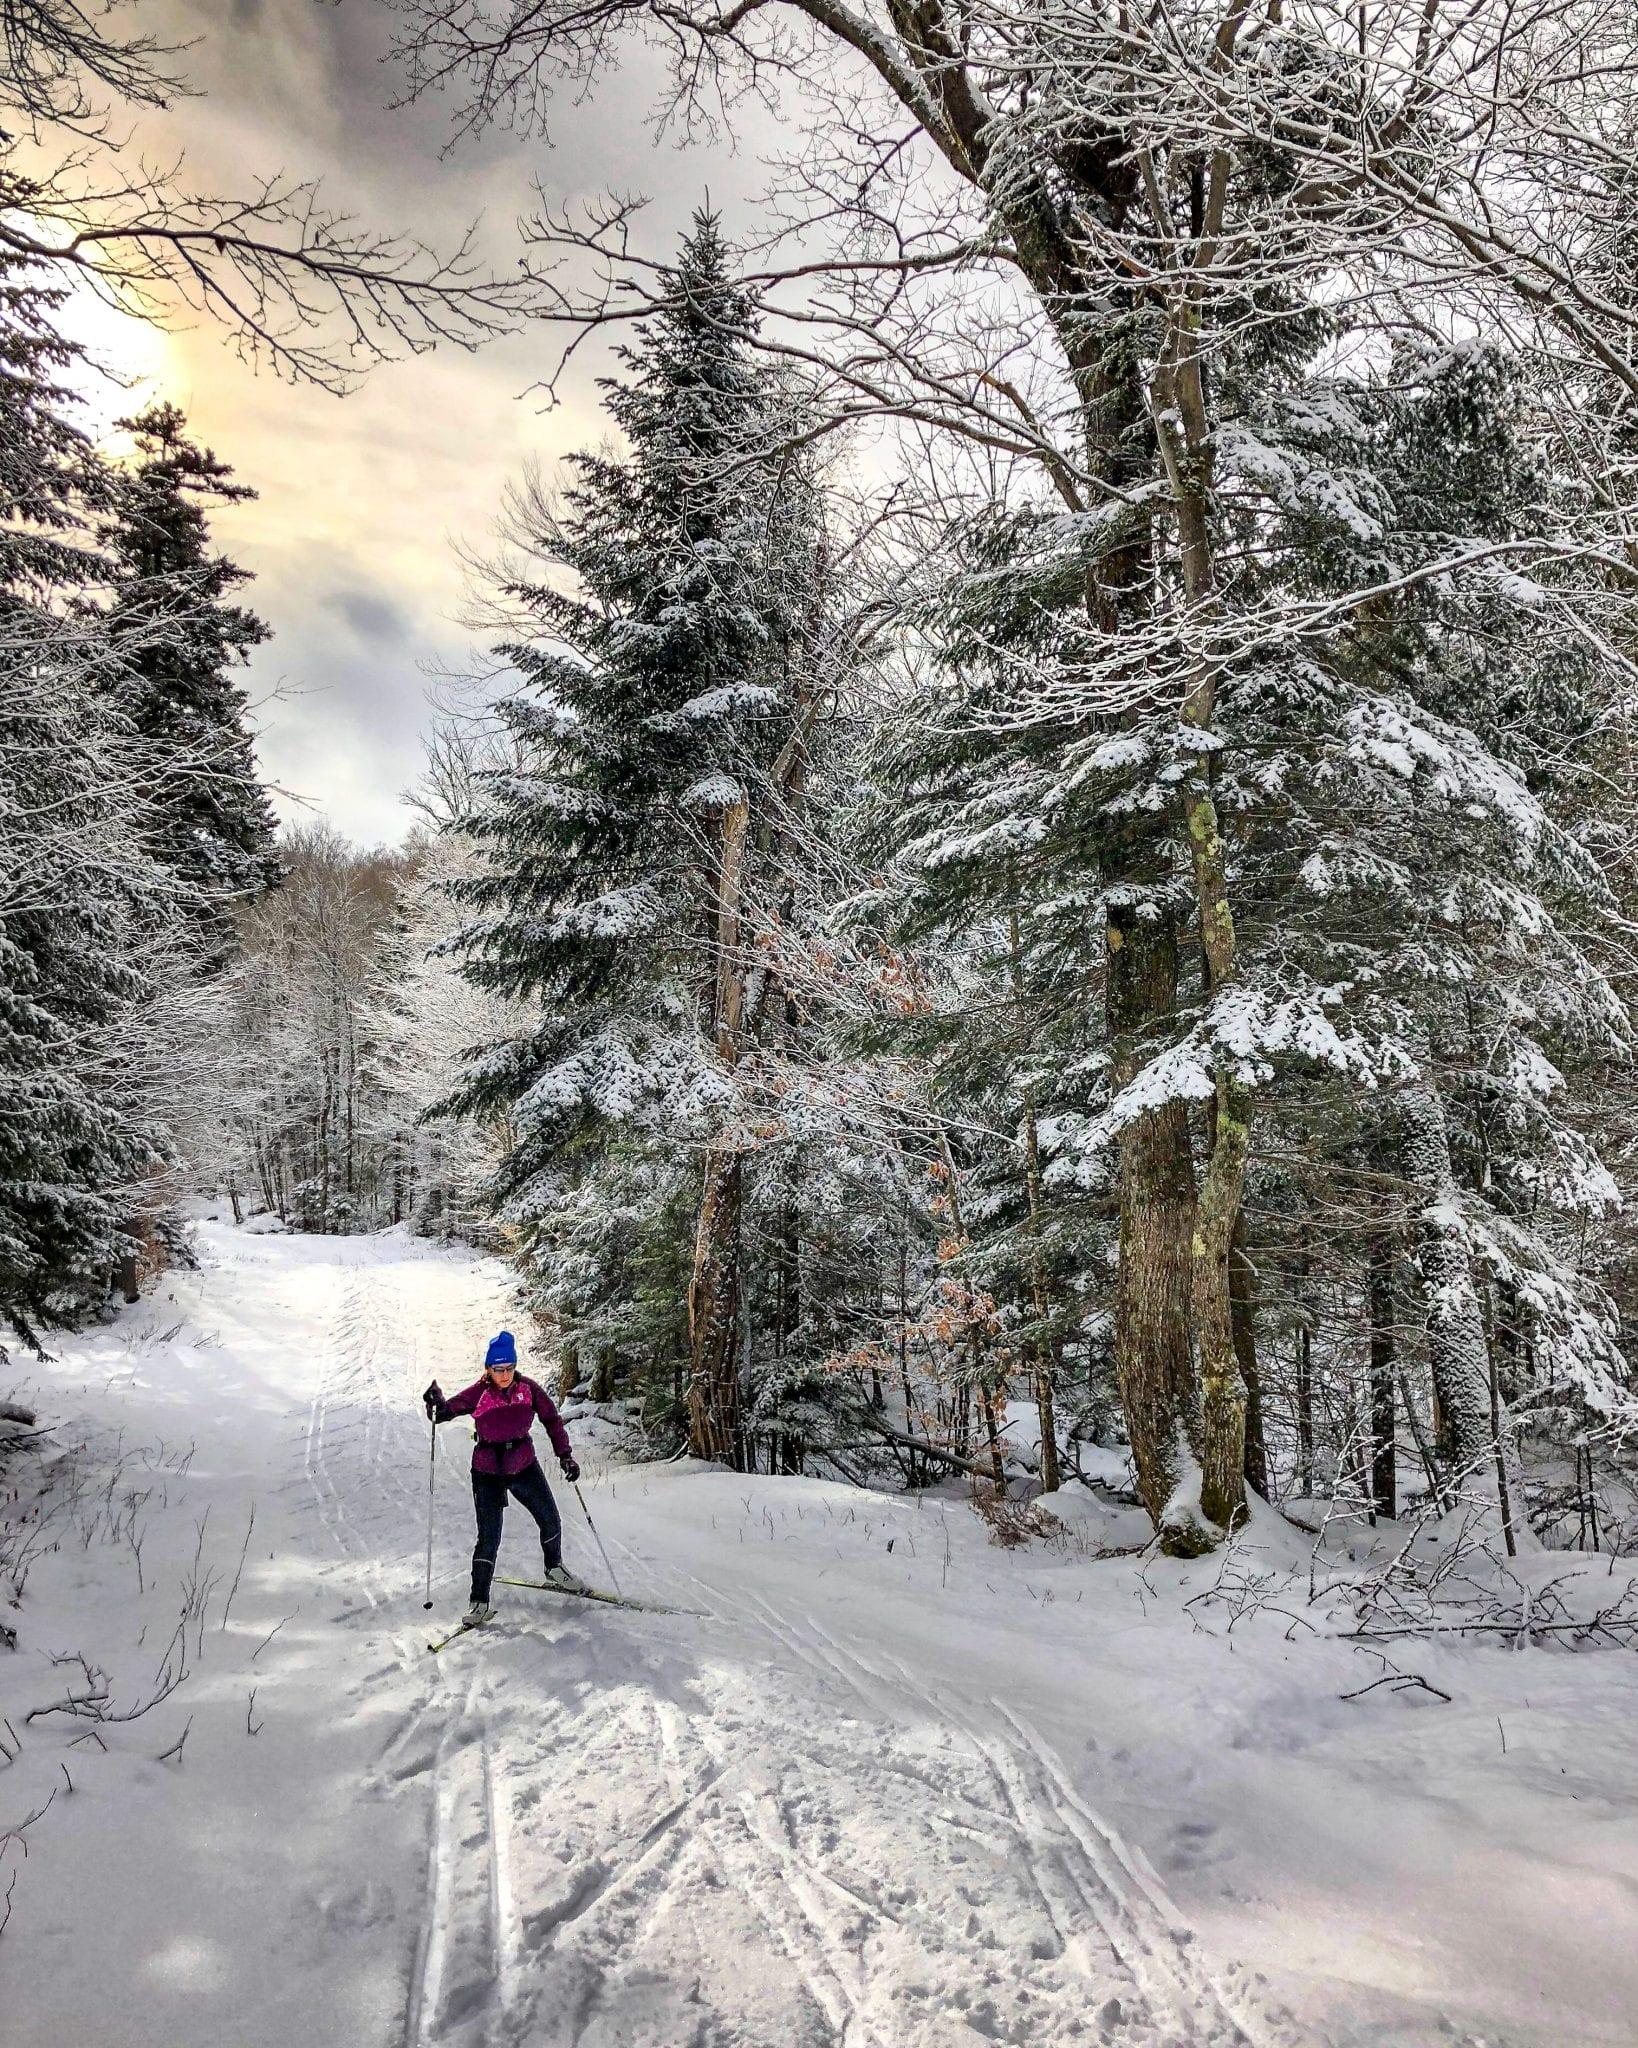 skigebied-buiten-de-alpen-phillip-belena-678508-unsplash